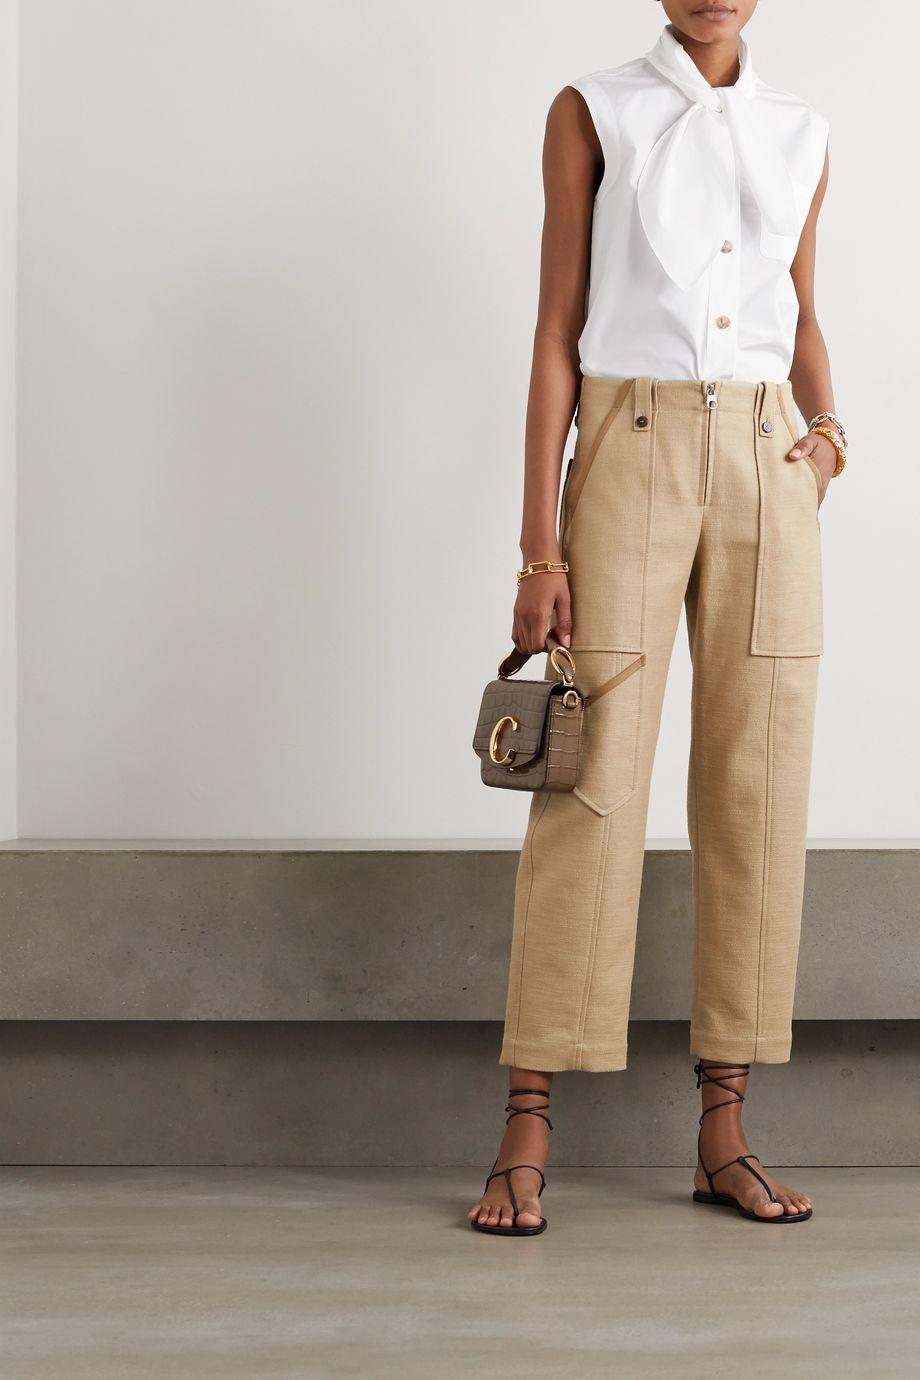 Chloé Tie-detailed cotton-poplin blouse